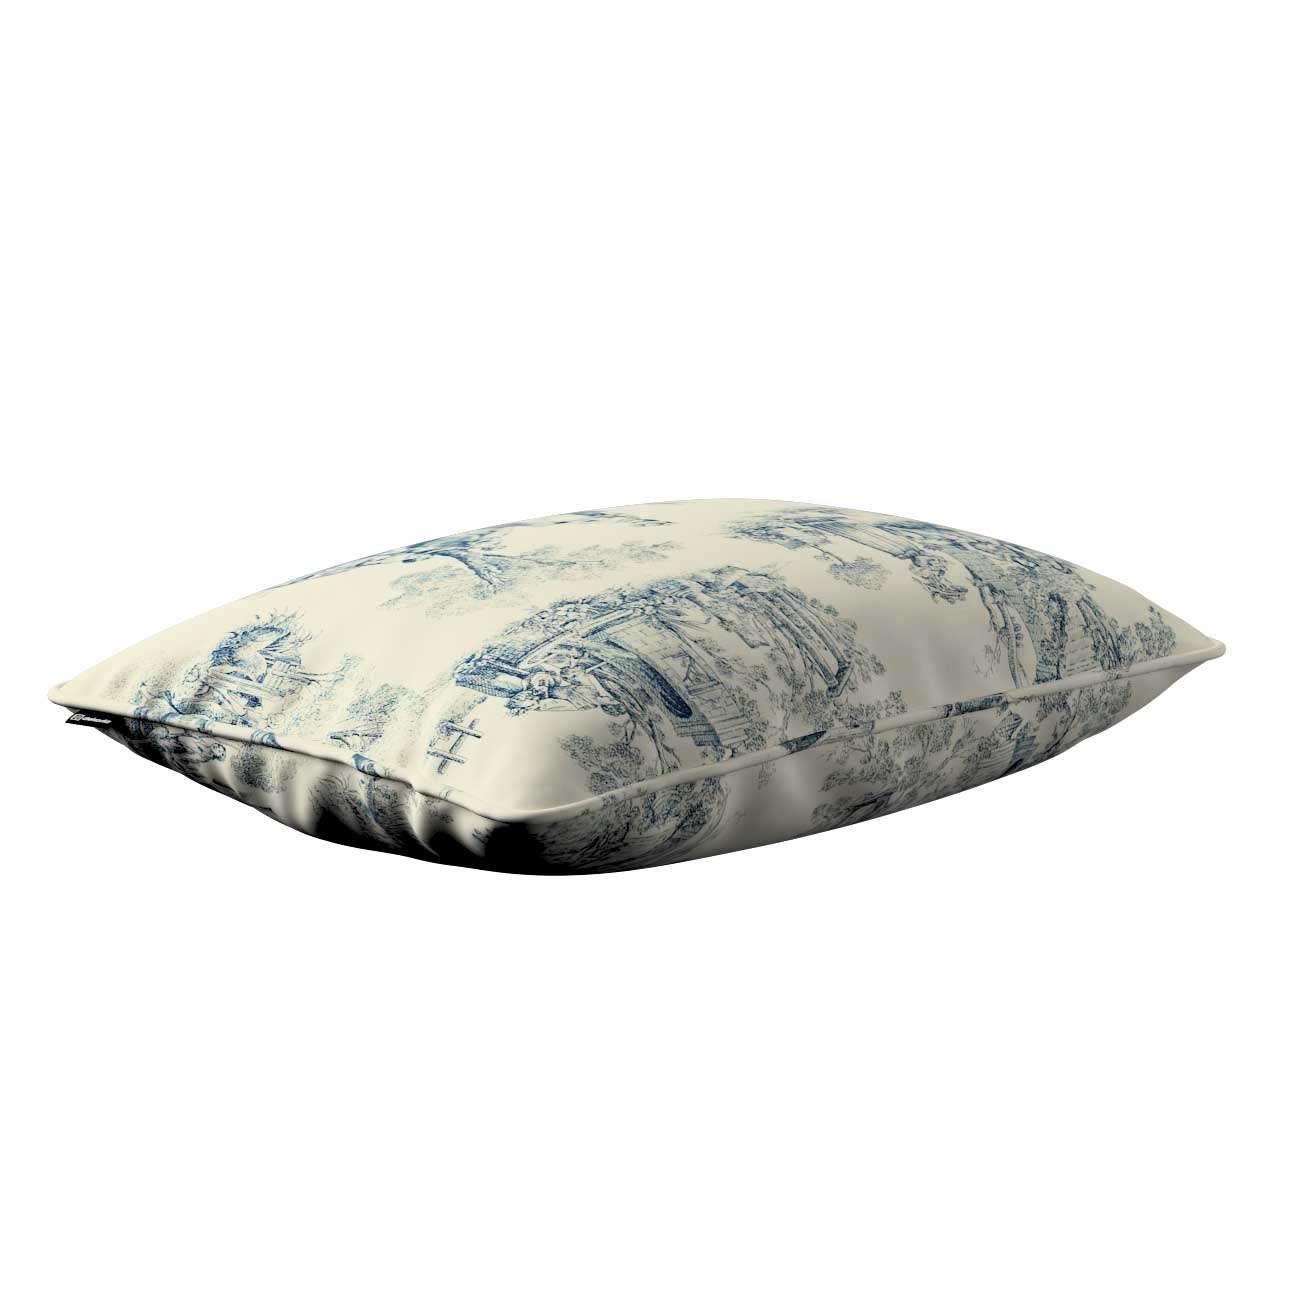 Poszewka Gabi na poduszkę prostokątna 60 x 40 cm w kolekcji Avinon, tkanina: 132-66